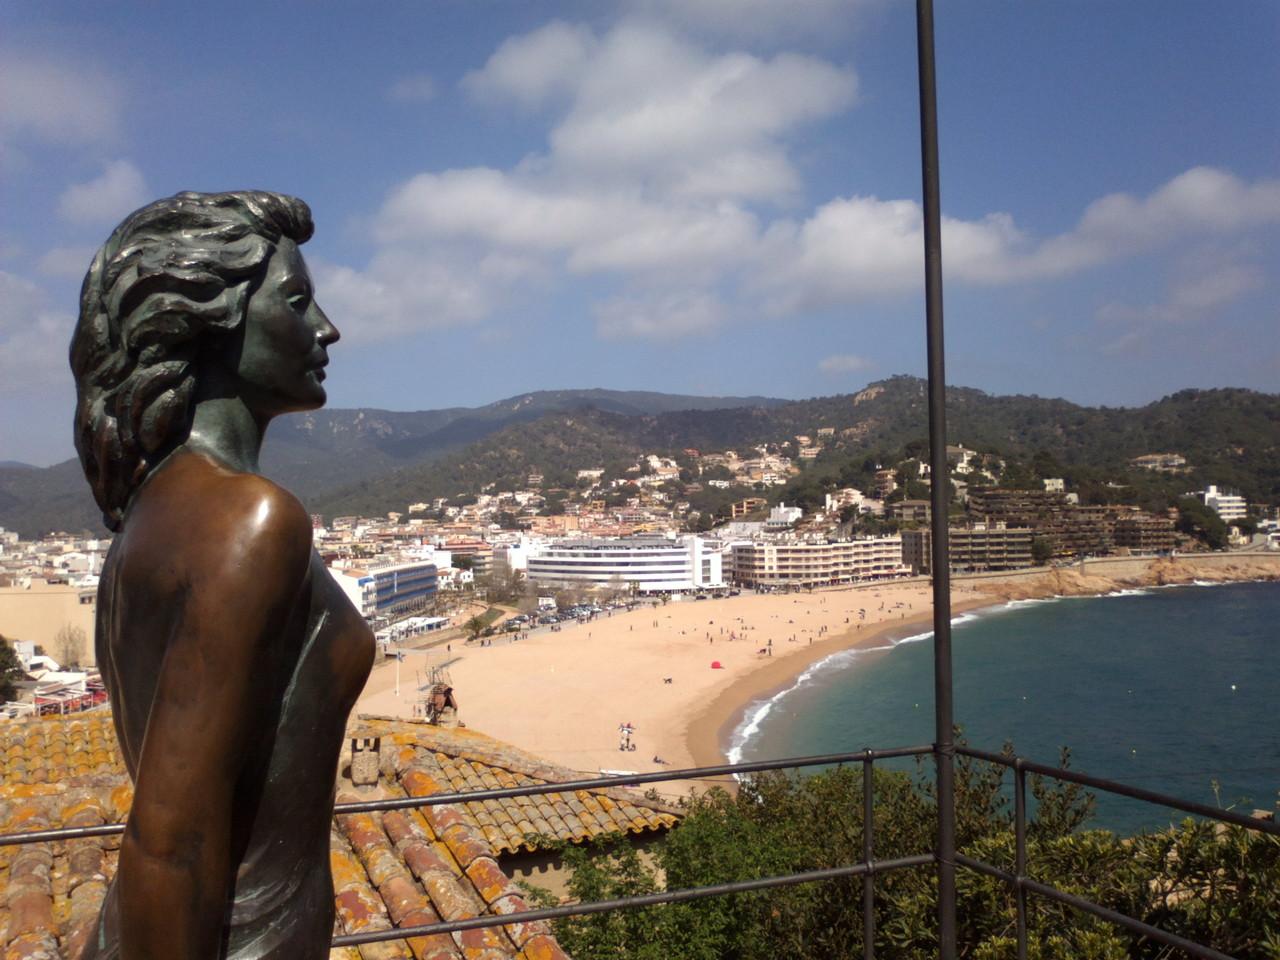 Estàtua d'Ava Gardner a Tossa